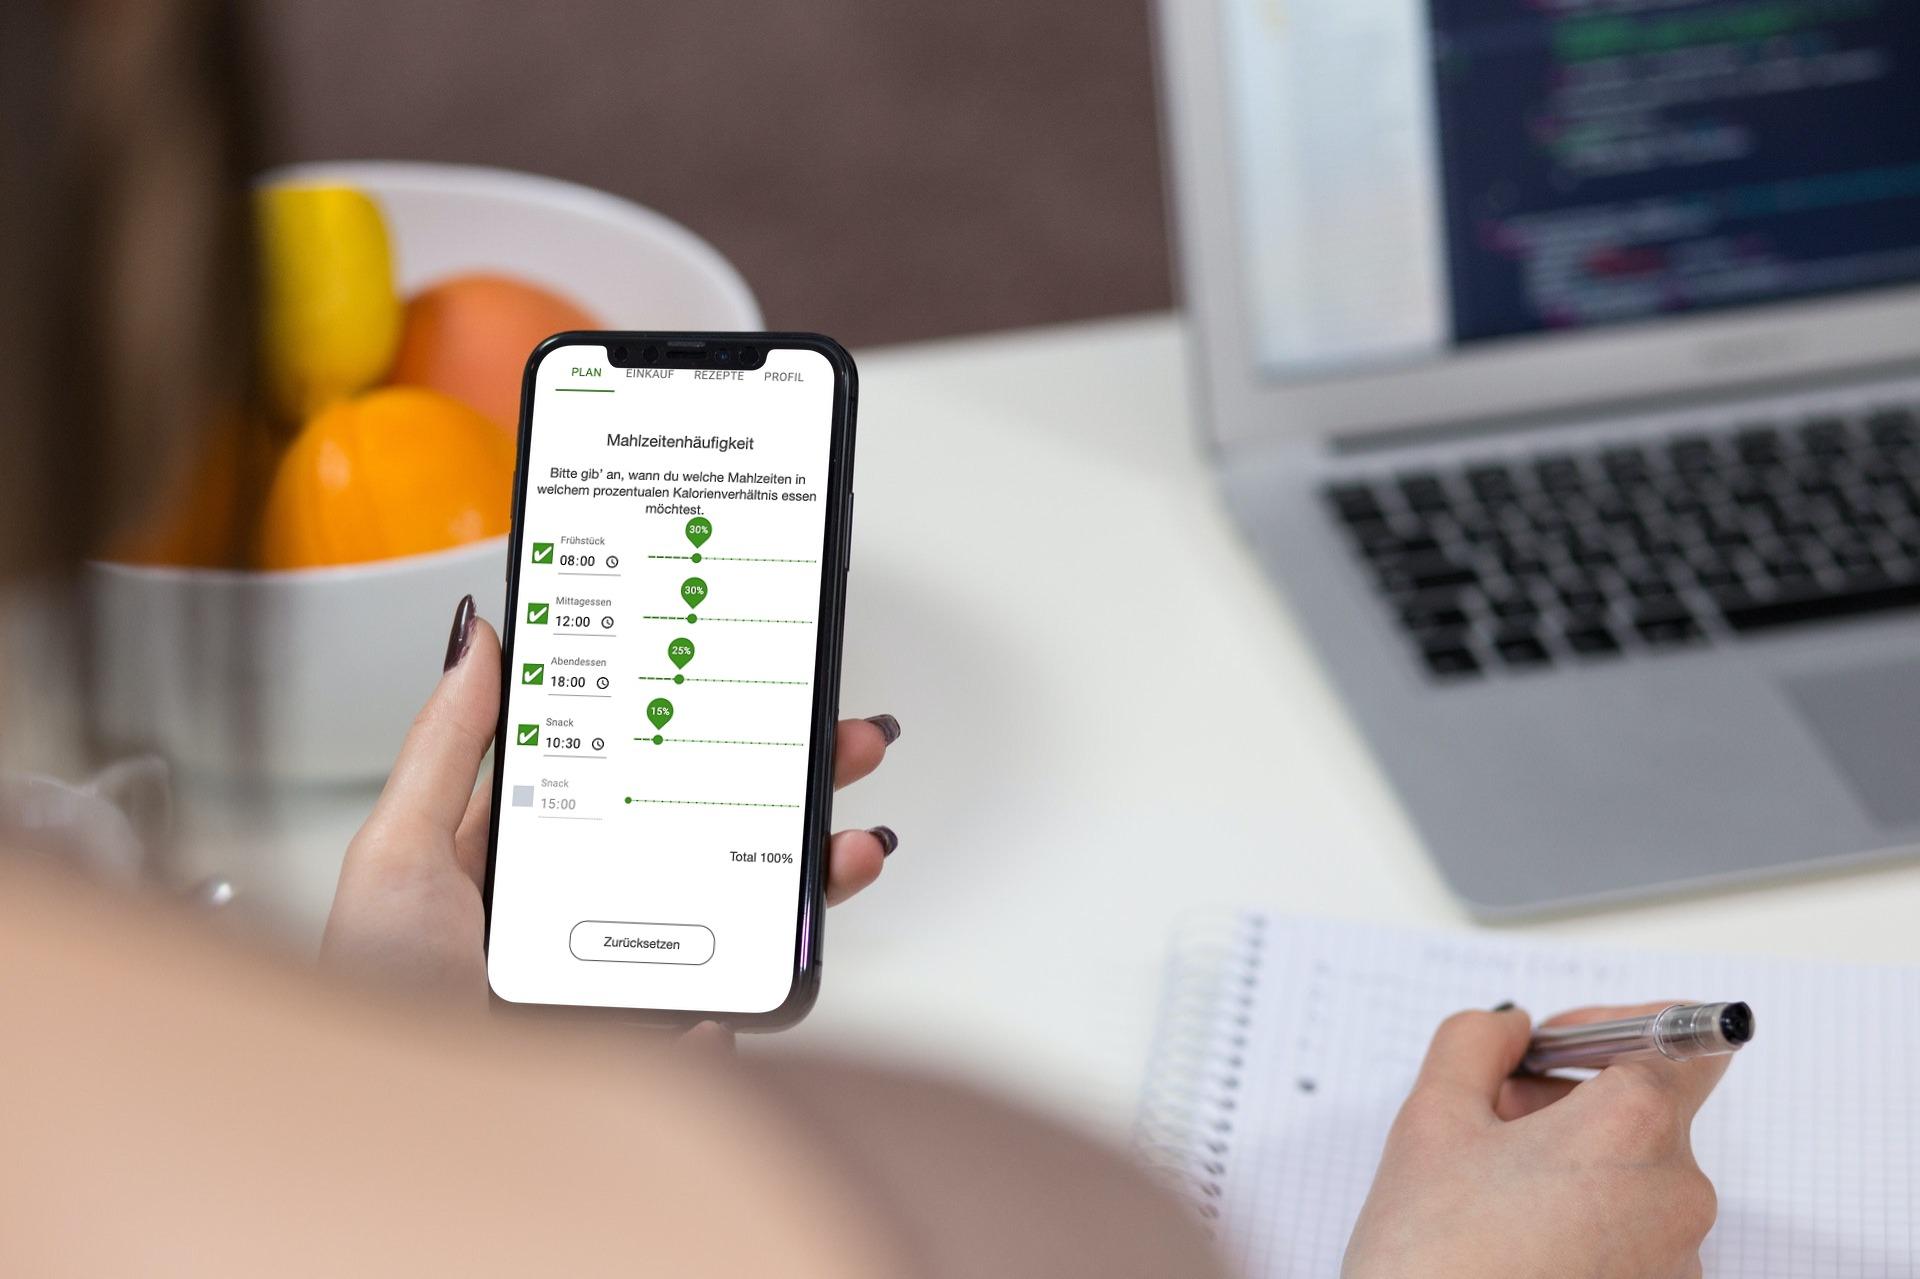 Ernährungsberater Software mit App für Ernährungscoaching - Ernährungspläne, Rezepte, Einkaufslisten - Mahlzeitenfrequenz